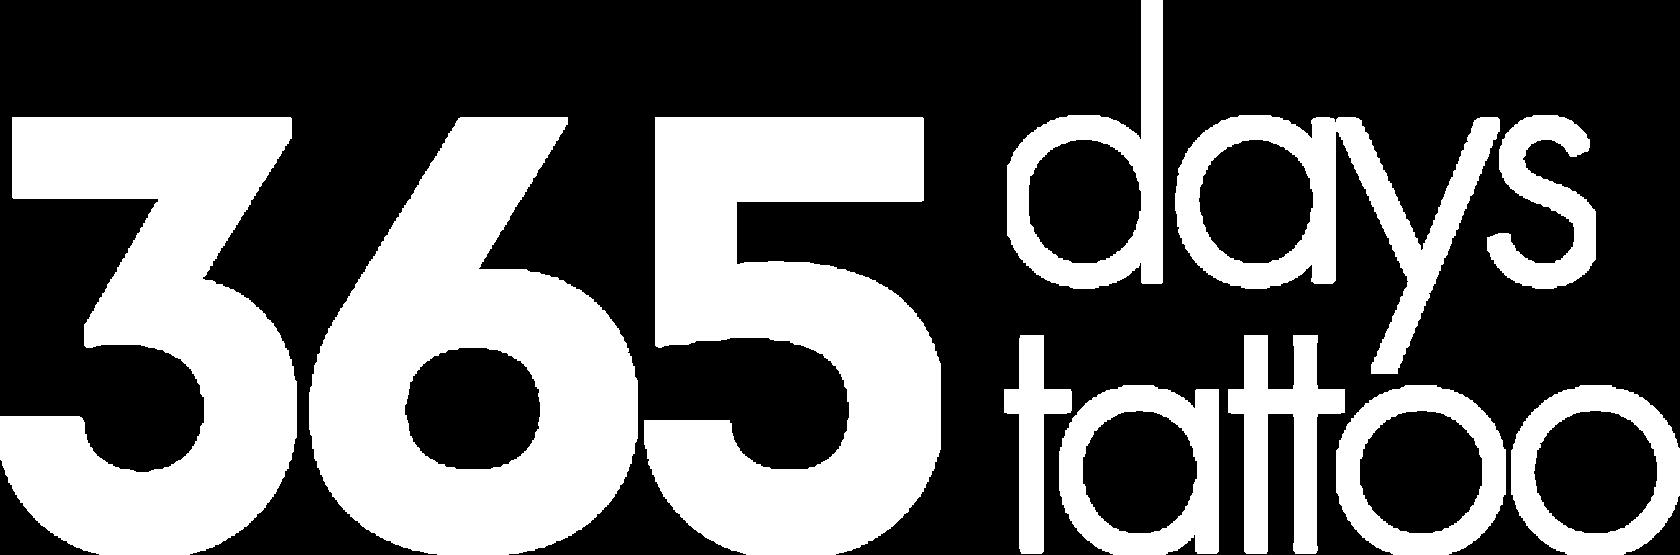 365DAYS TATTOO MINSK